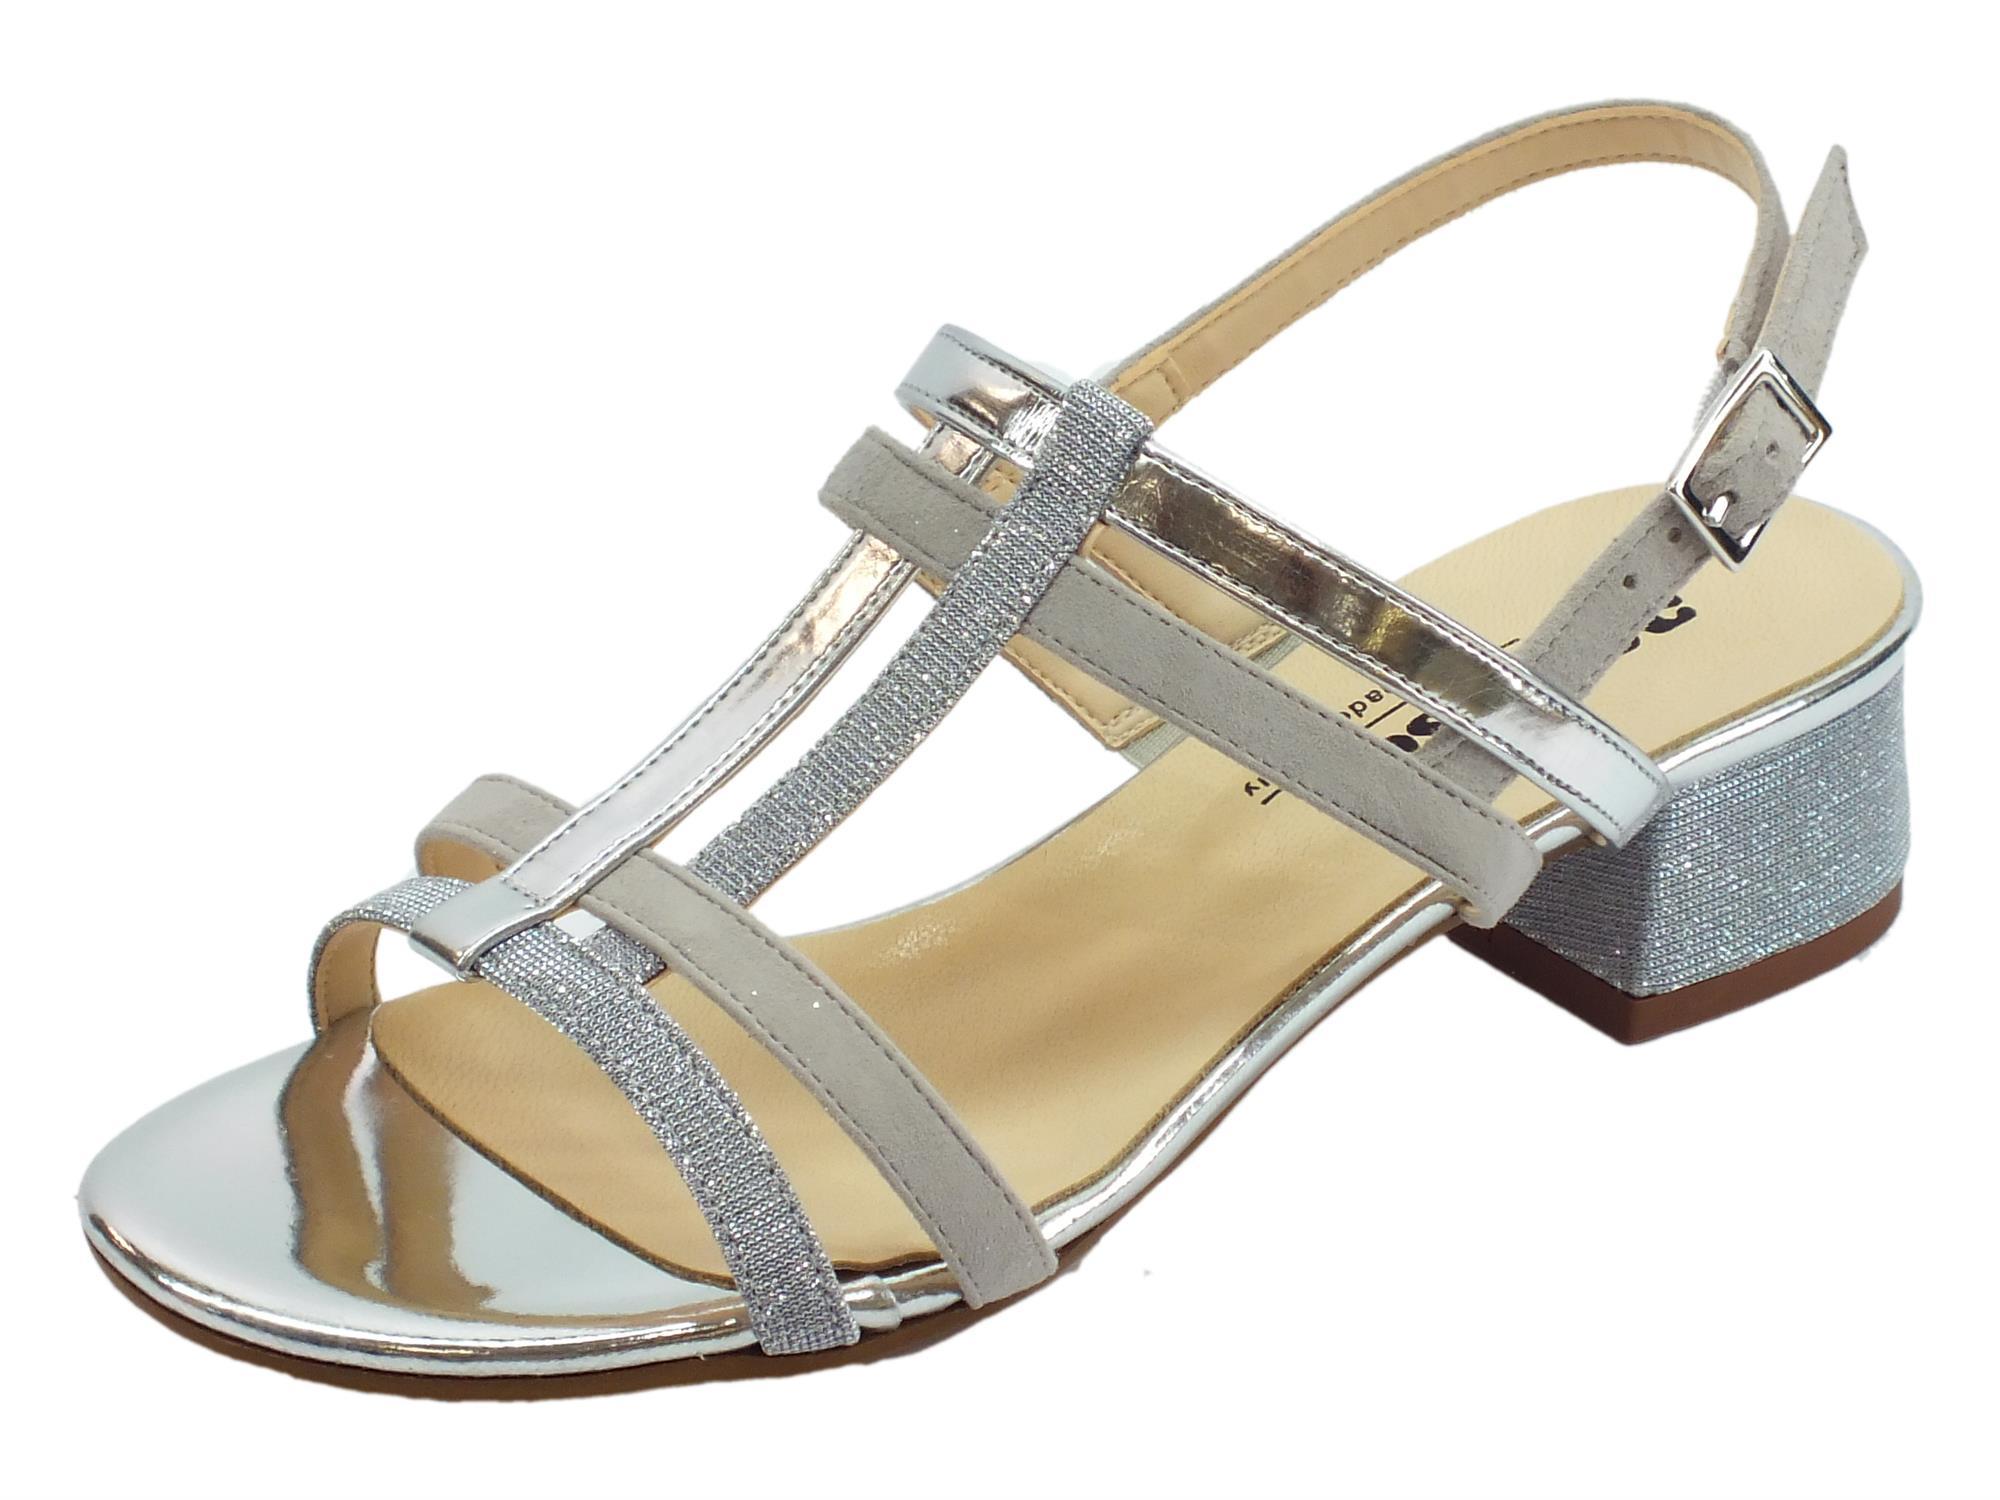 e759775ec97d4 Melluso K35105 Argento sandali donna tacco basso pelle camoscio e  brillantini argento